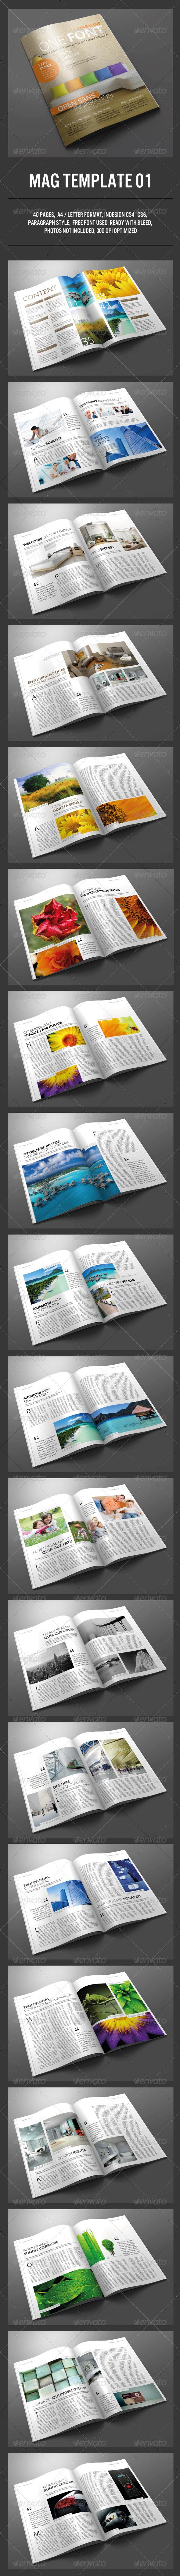 GraphicRiver Magz Template 01 5076359